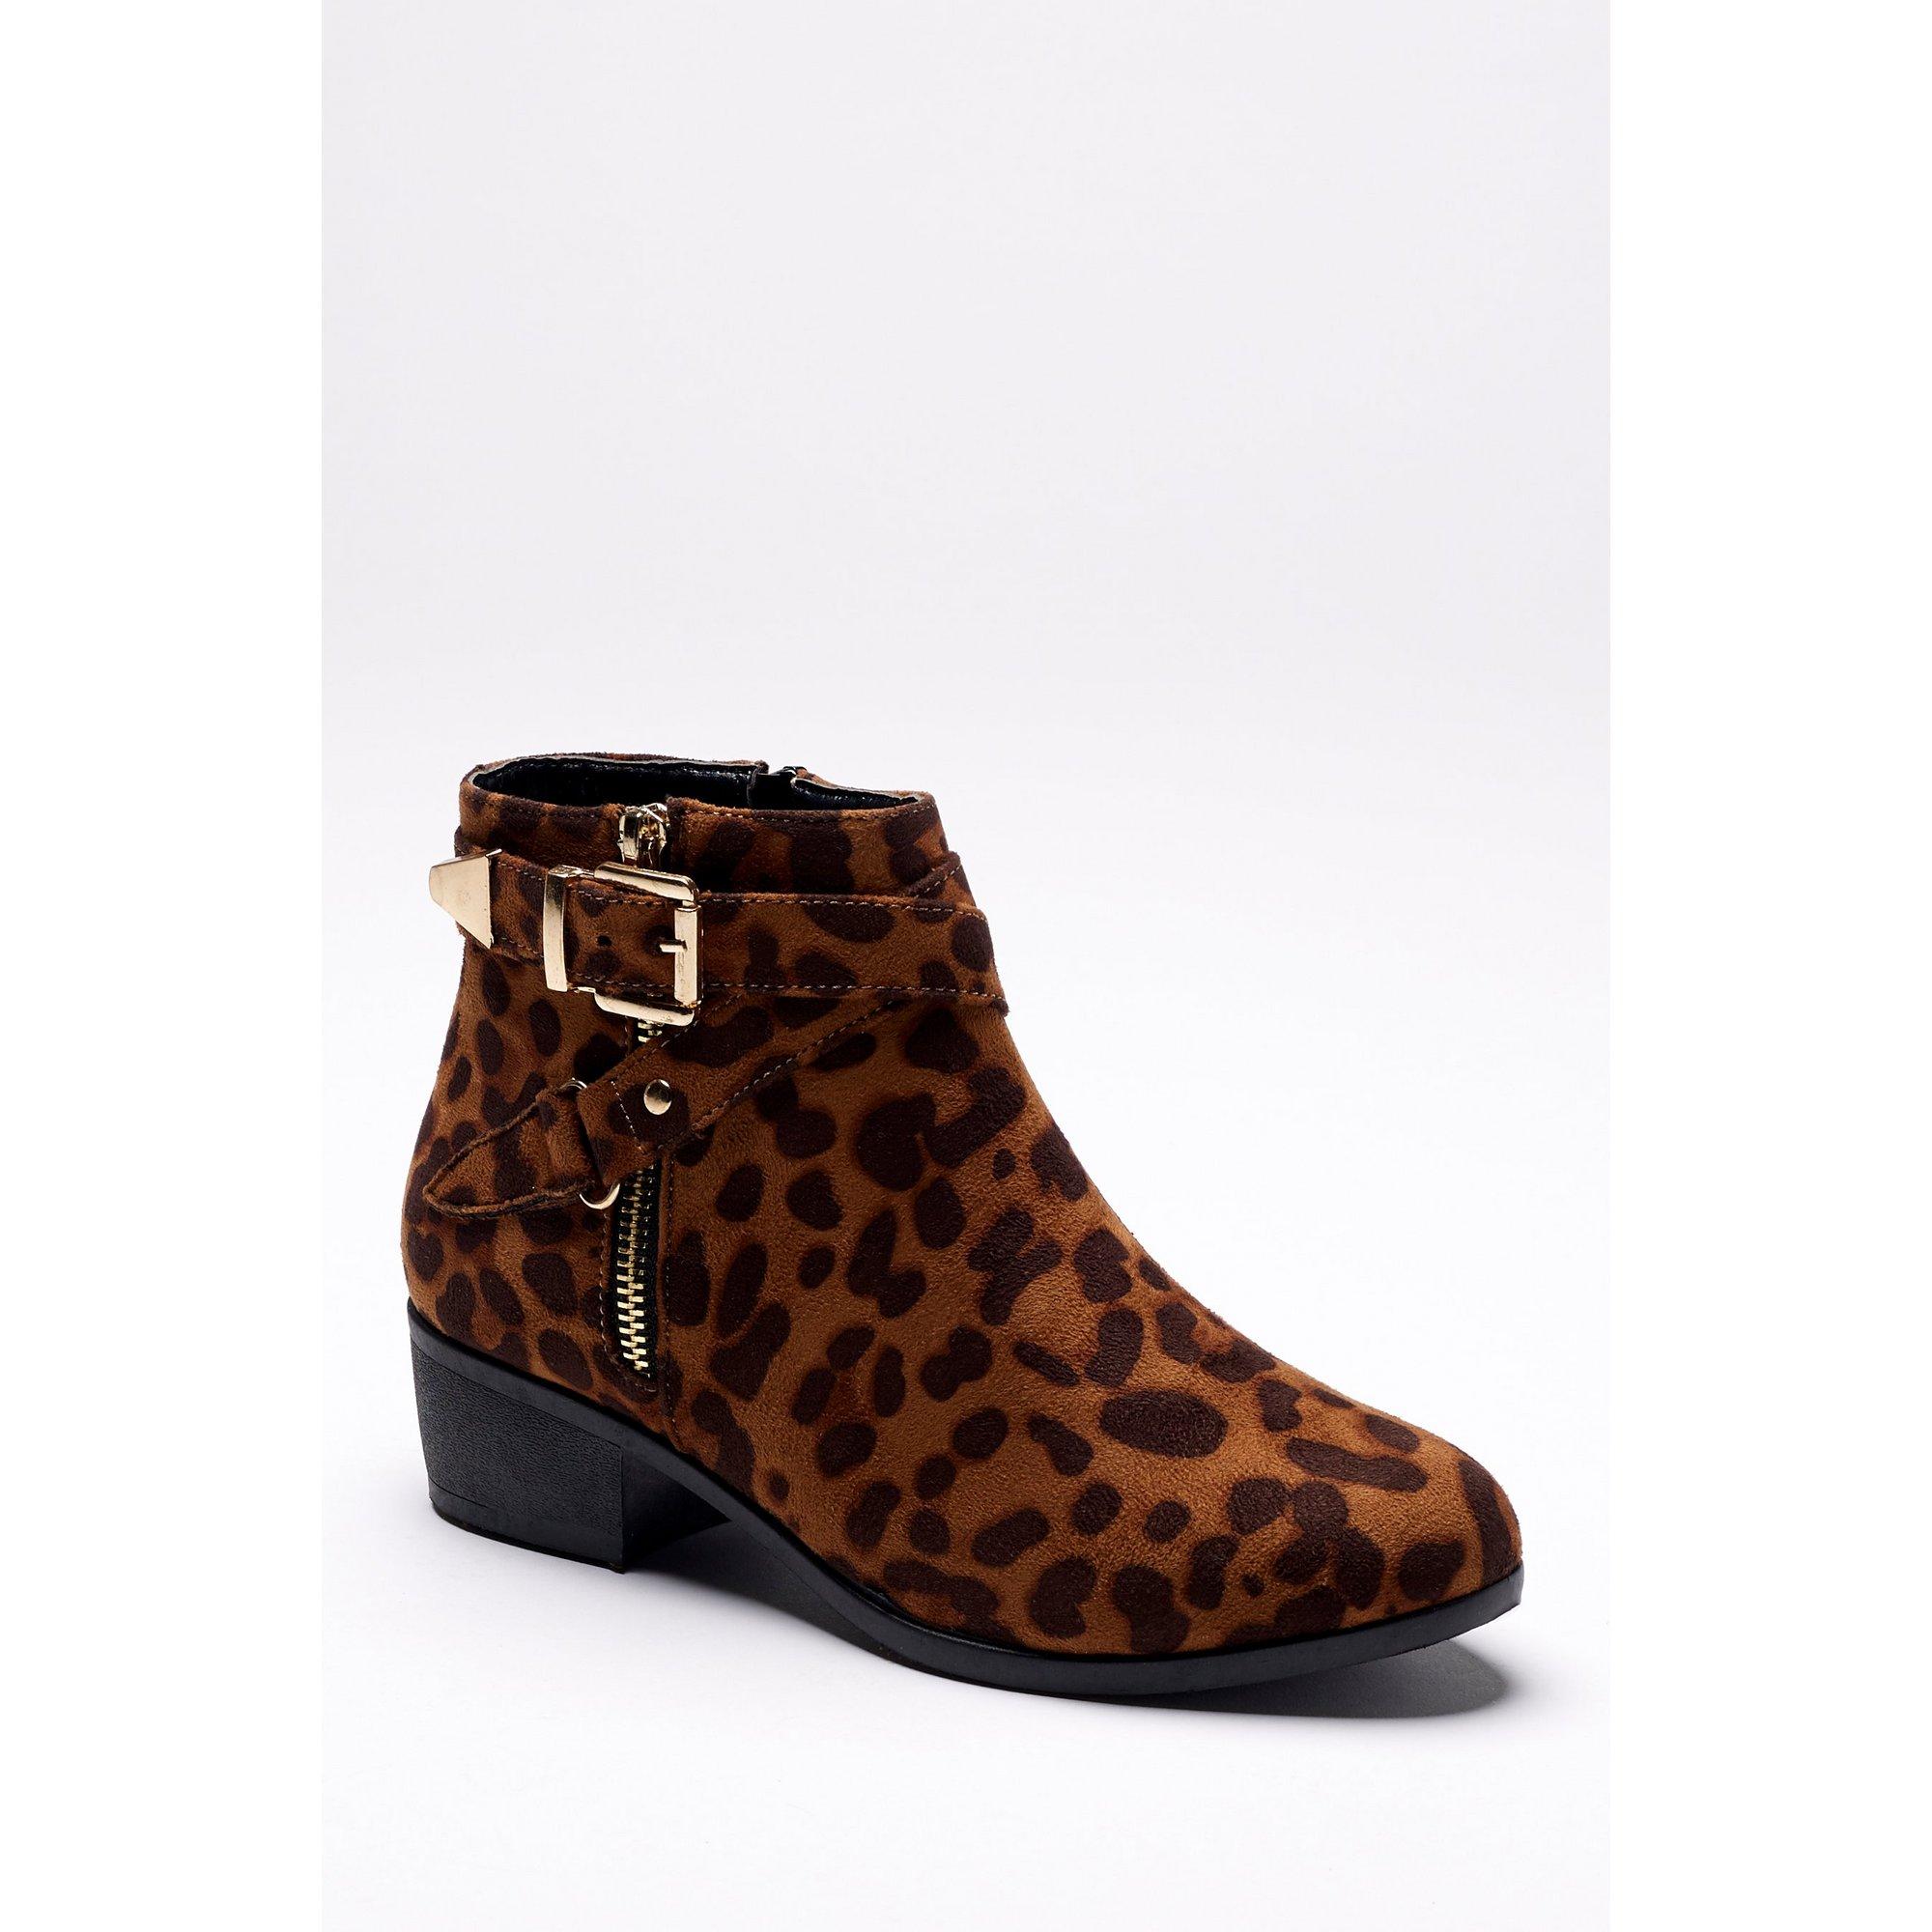 Image of Block Heel Western Leopard Print Boots